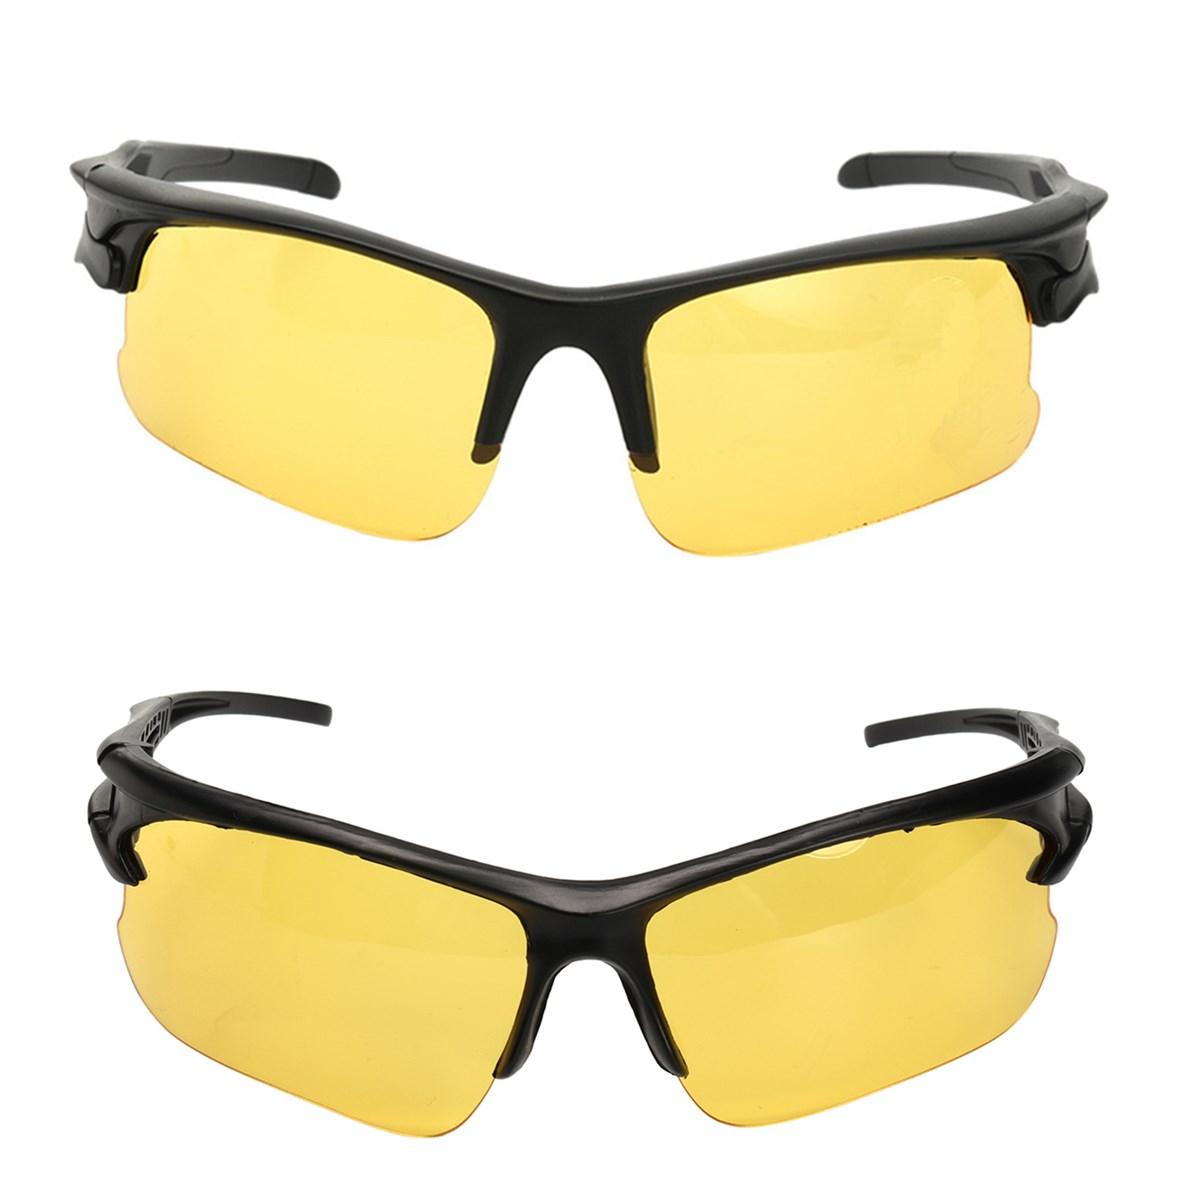 Антибликовые TAC водяные очки с желтым объективом Солнцезащитные очки Ночное видение Поляризованные Очки